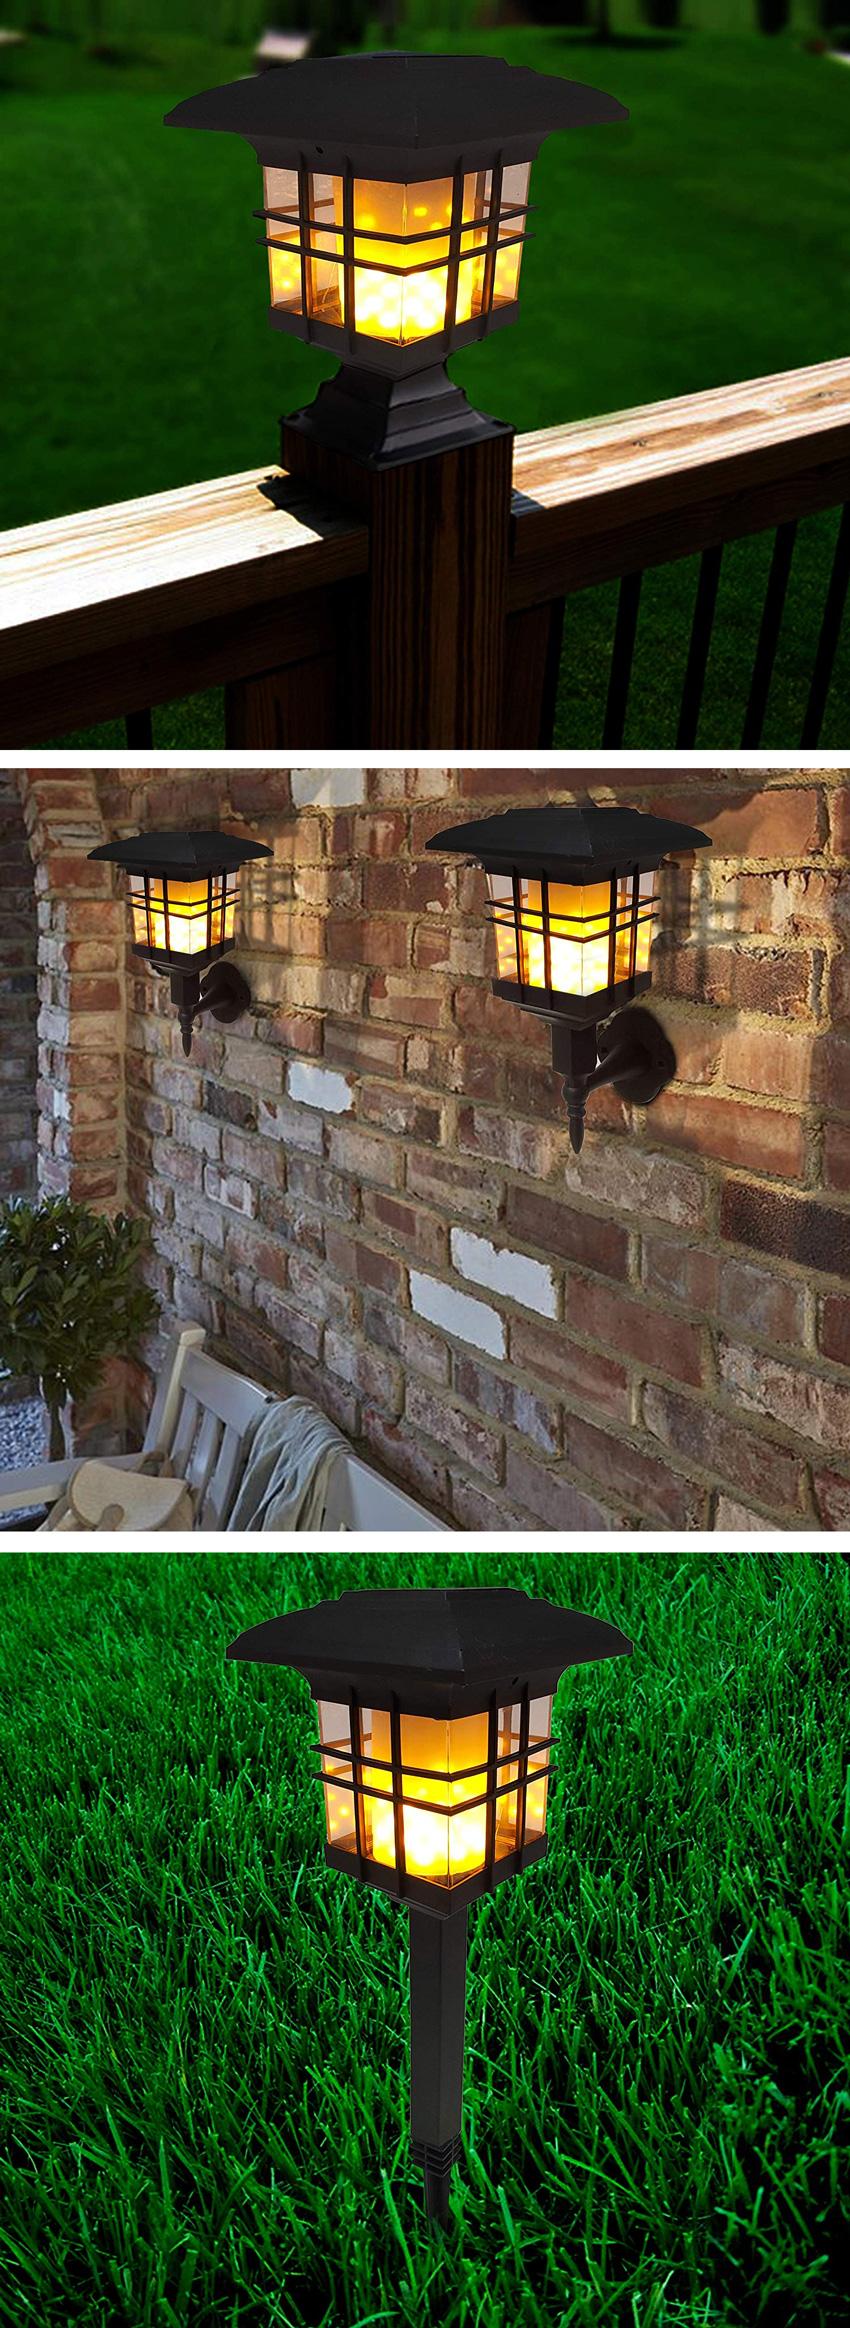 illuminazione da giardino con lanterne solari.